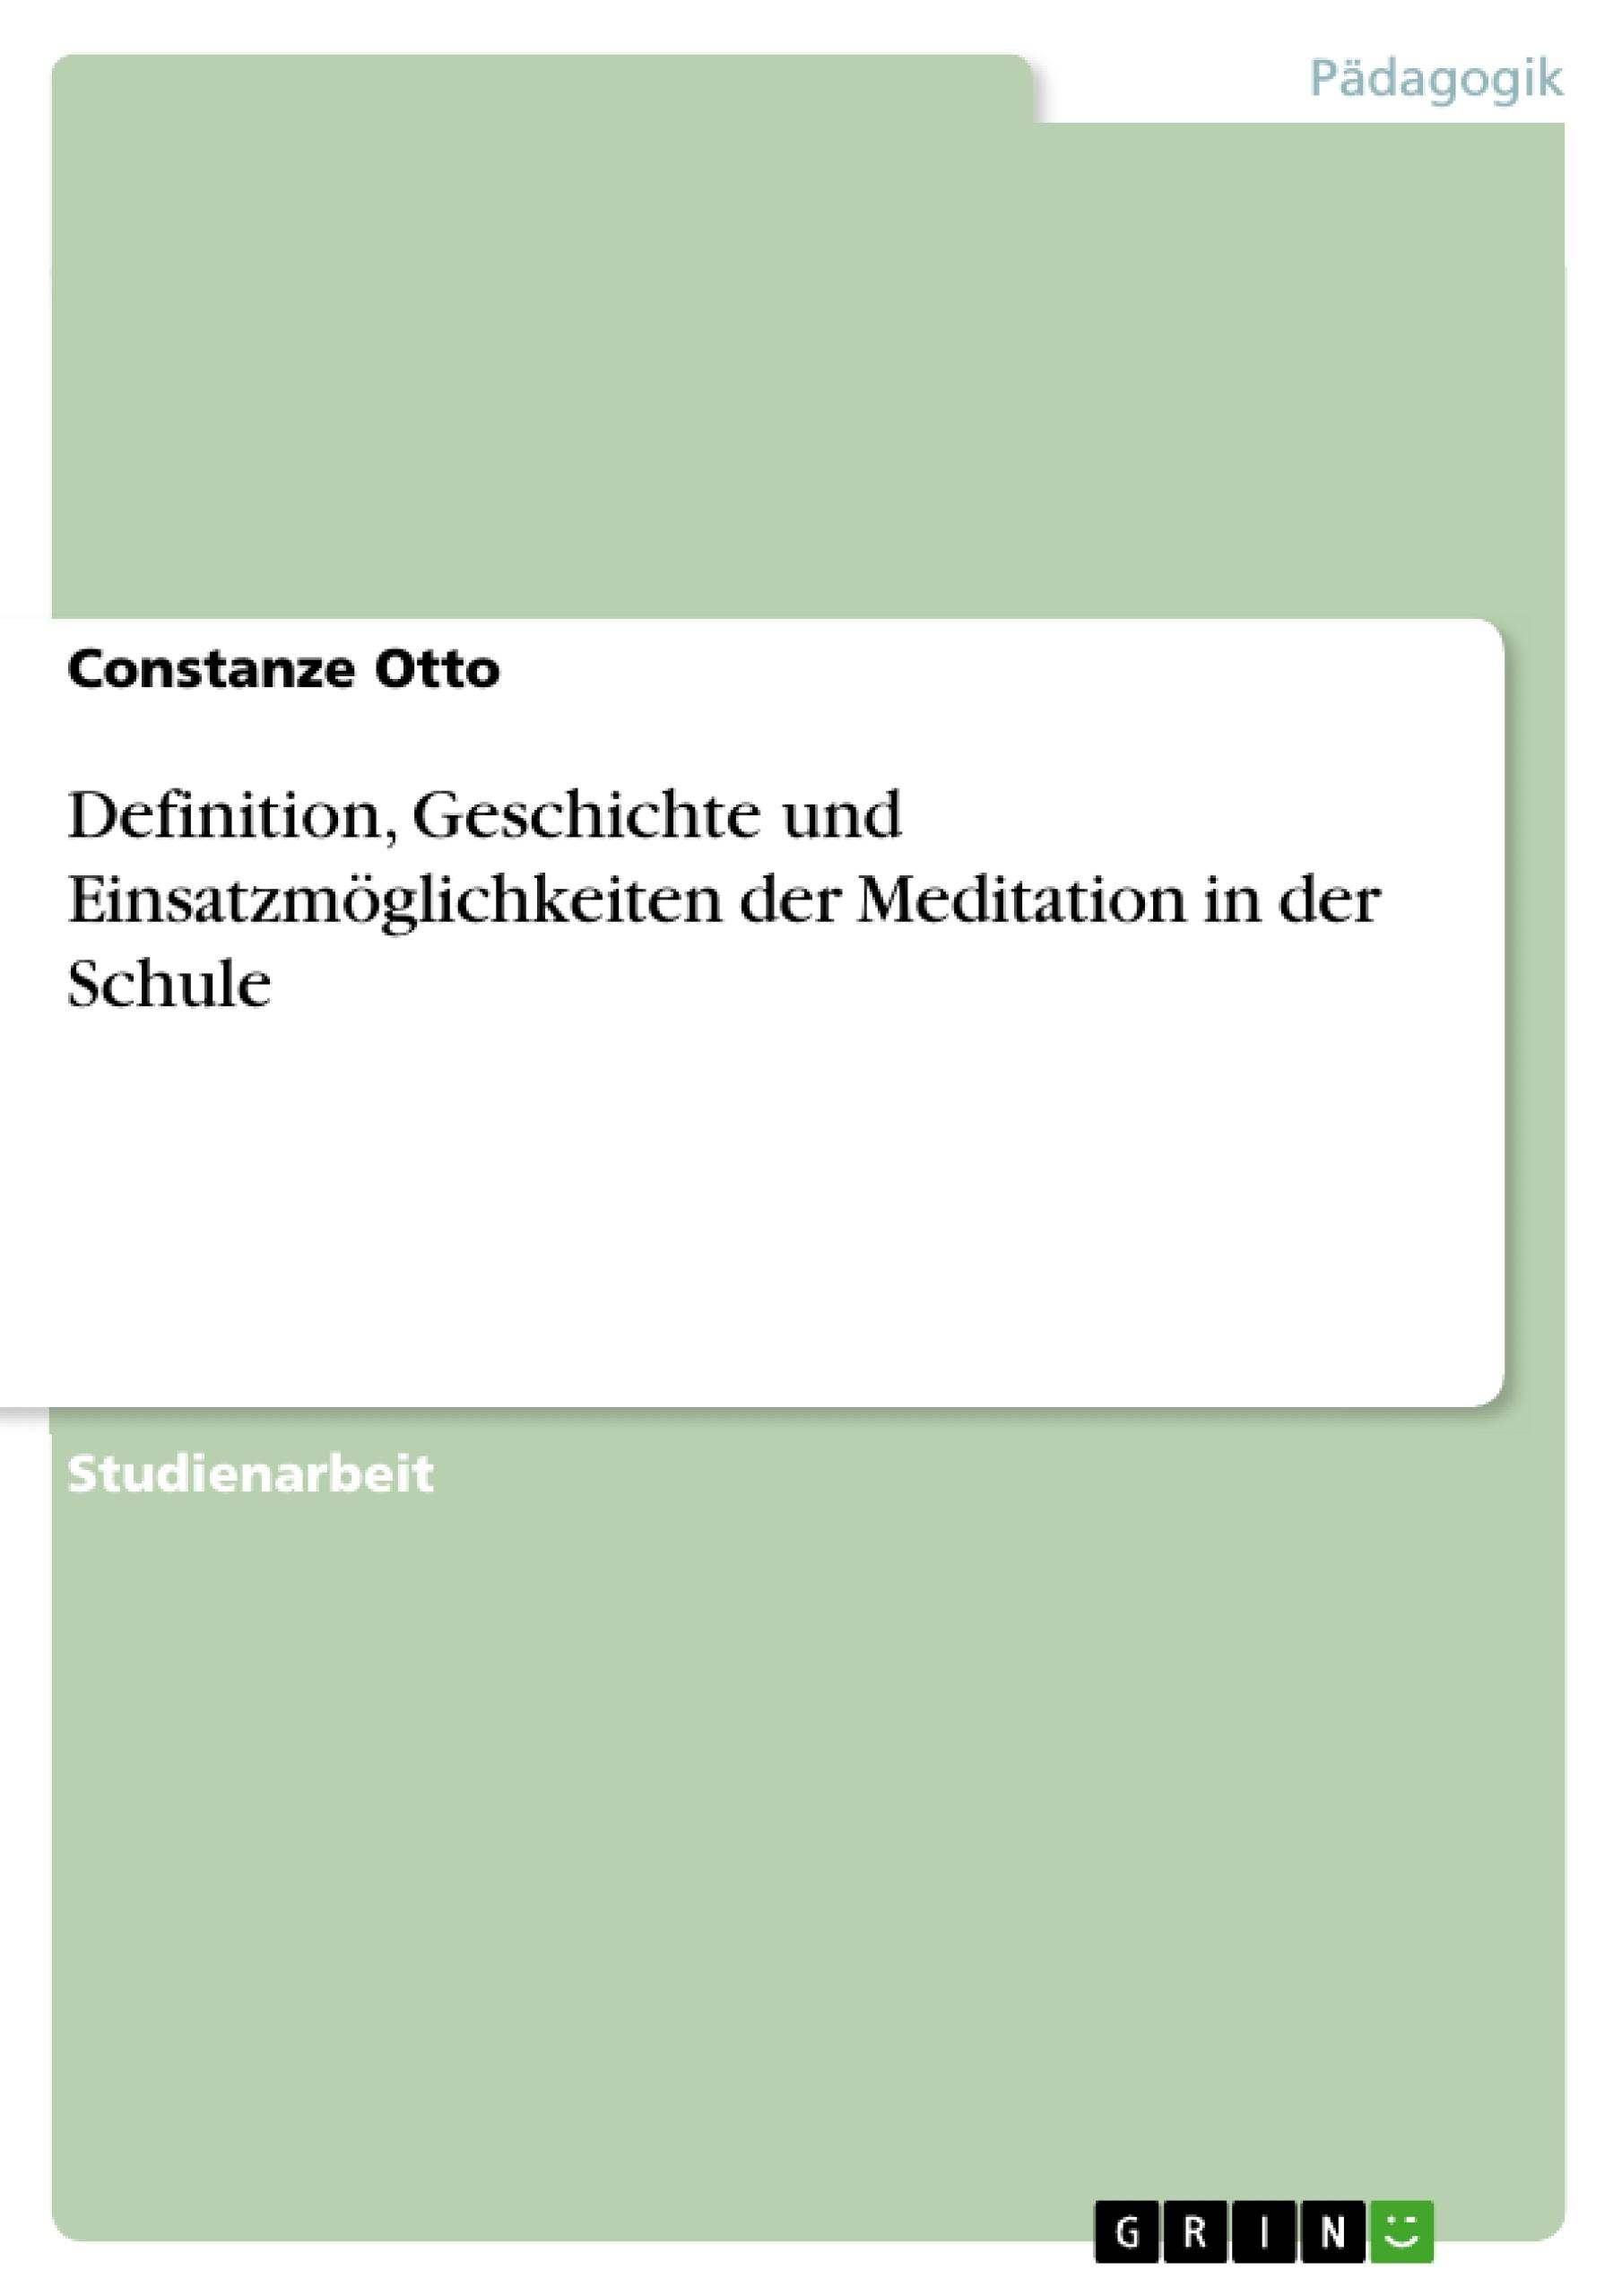 Titel: Definition, Geschichte und Einsatzmöglichkeiten der Meditation in der Schule